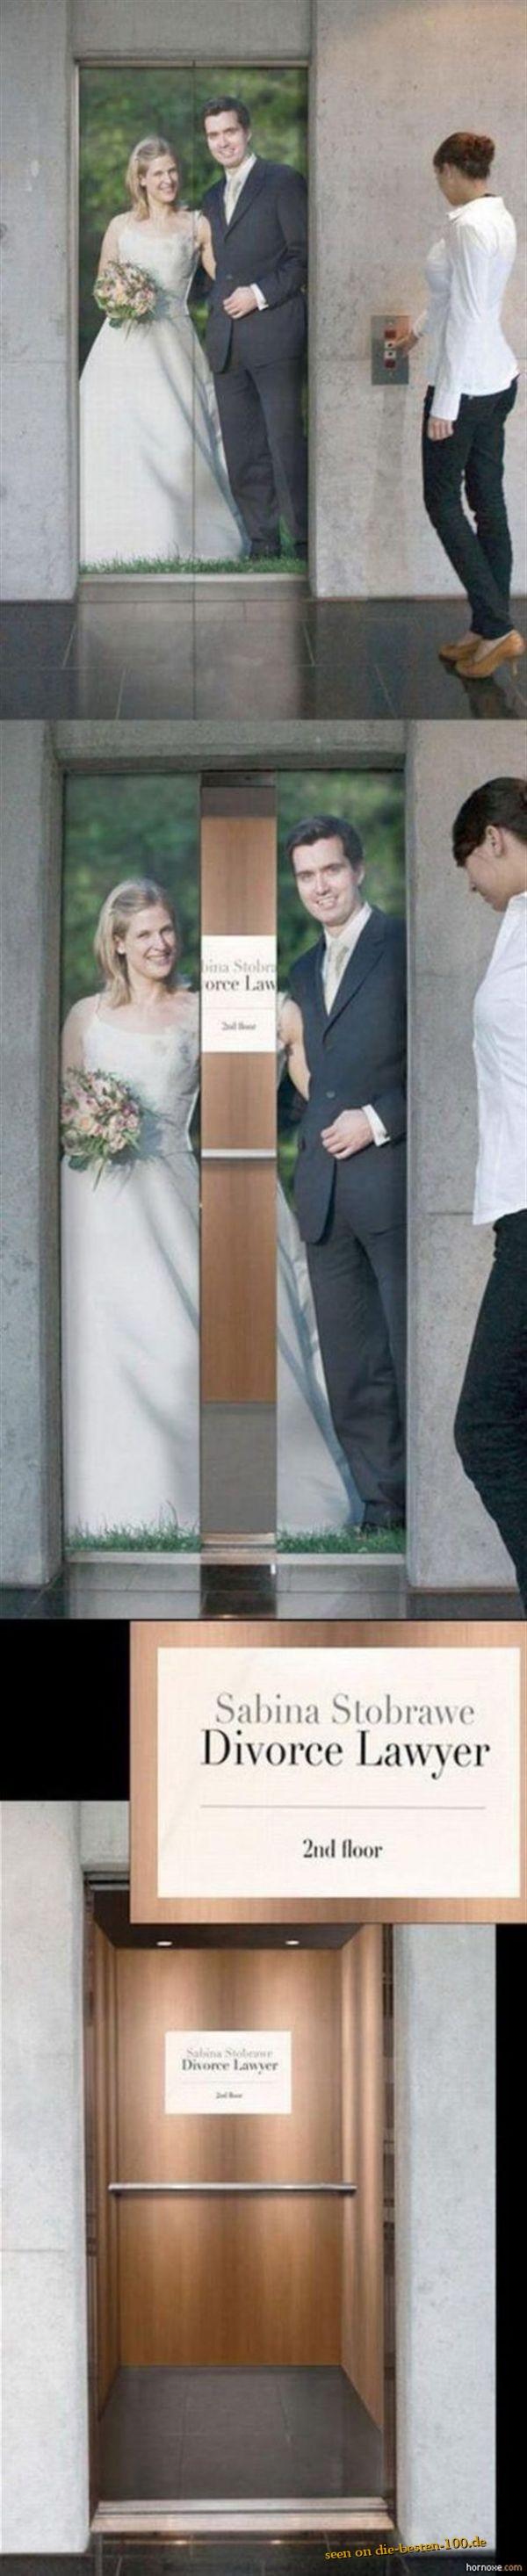 Die besten 100 Bilder in der Kategorie werbung: Scheidungsanwalts-Werbung auf Fahrstuhltüre - Divorce Lawyer Commercial